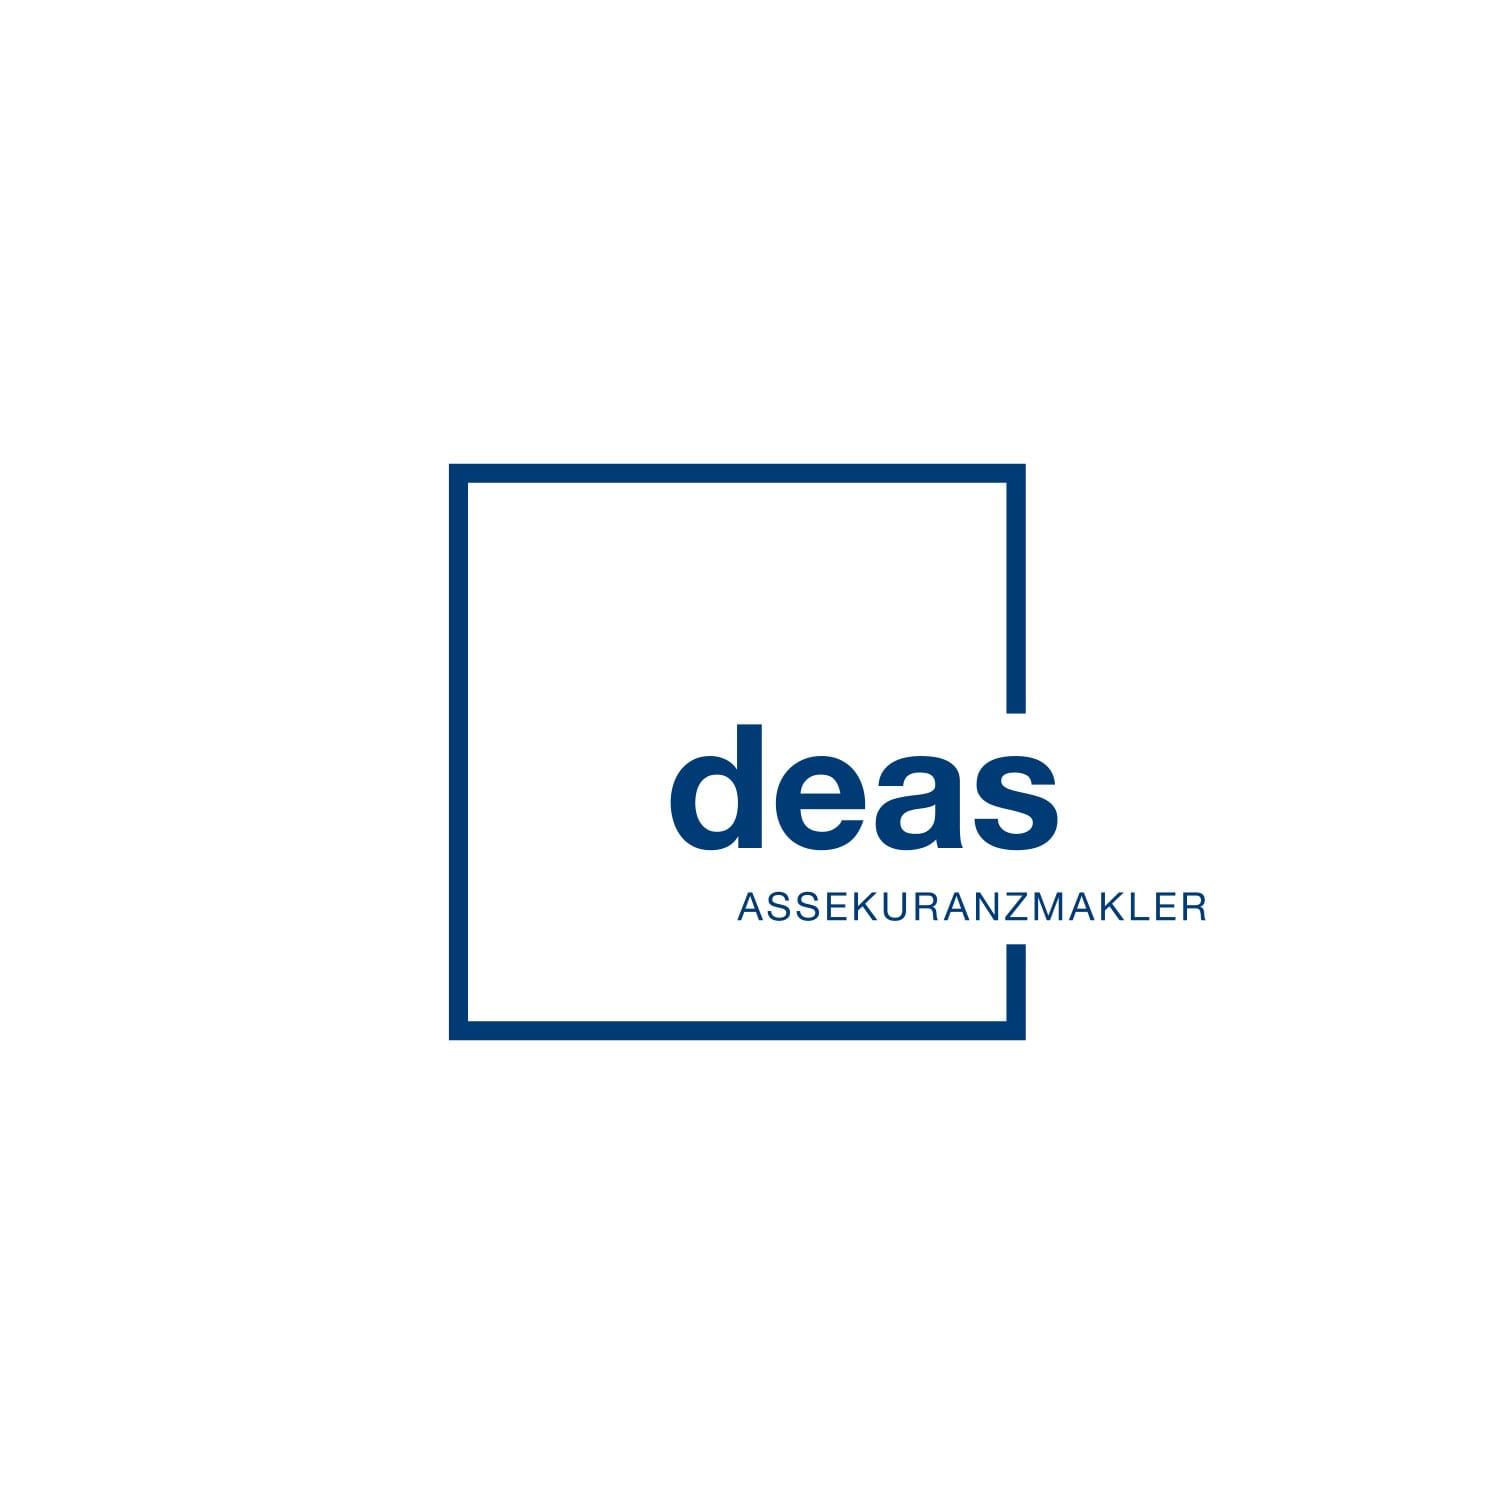 Logodesign deas Assekuranzmakler